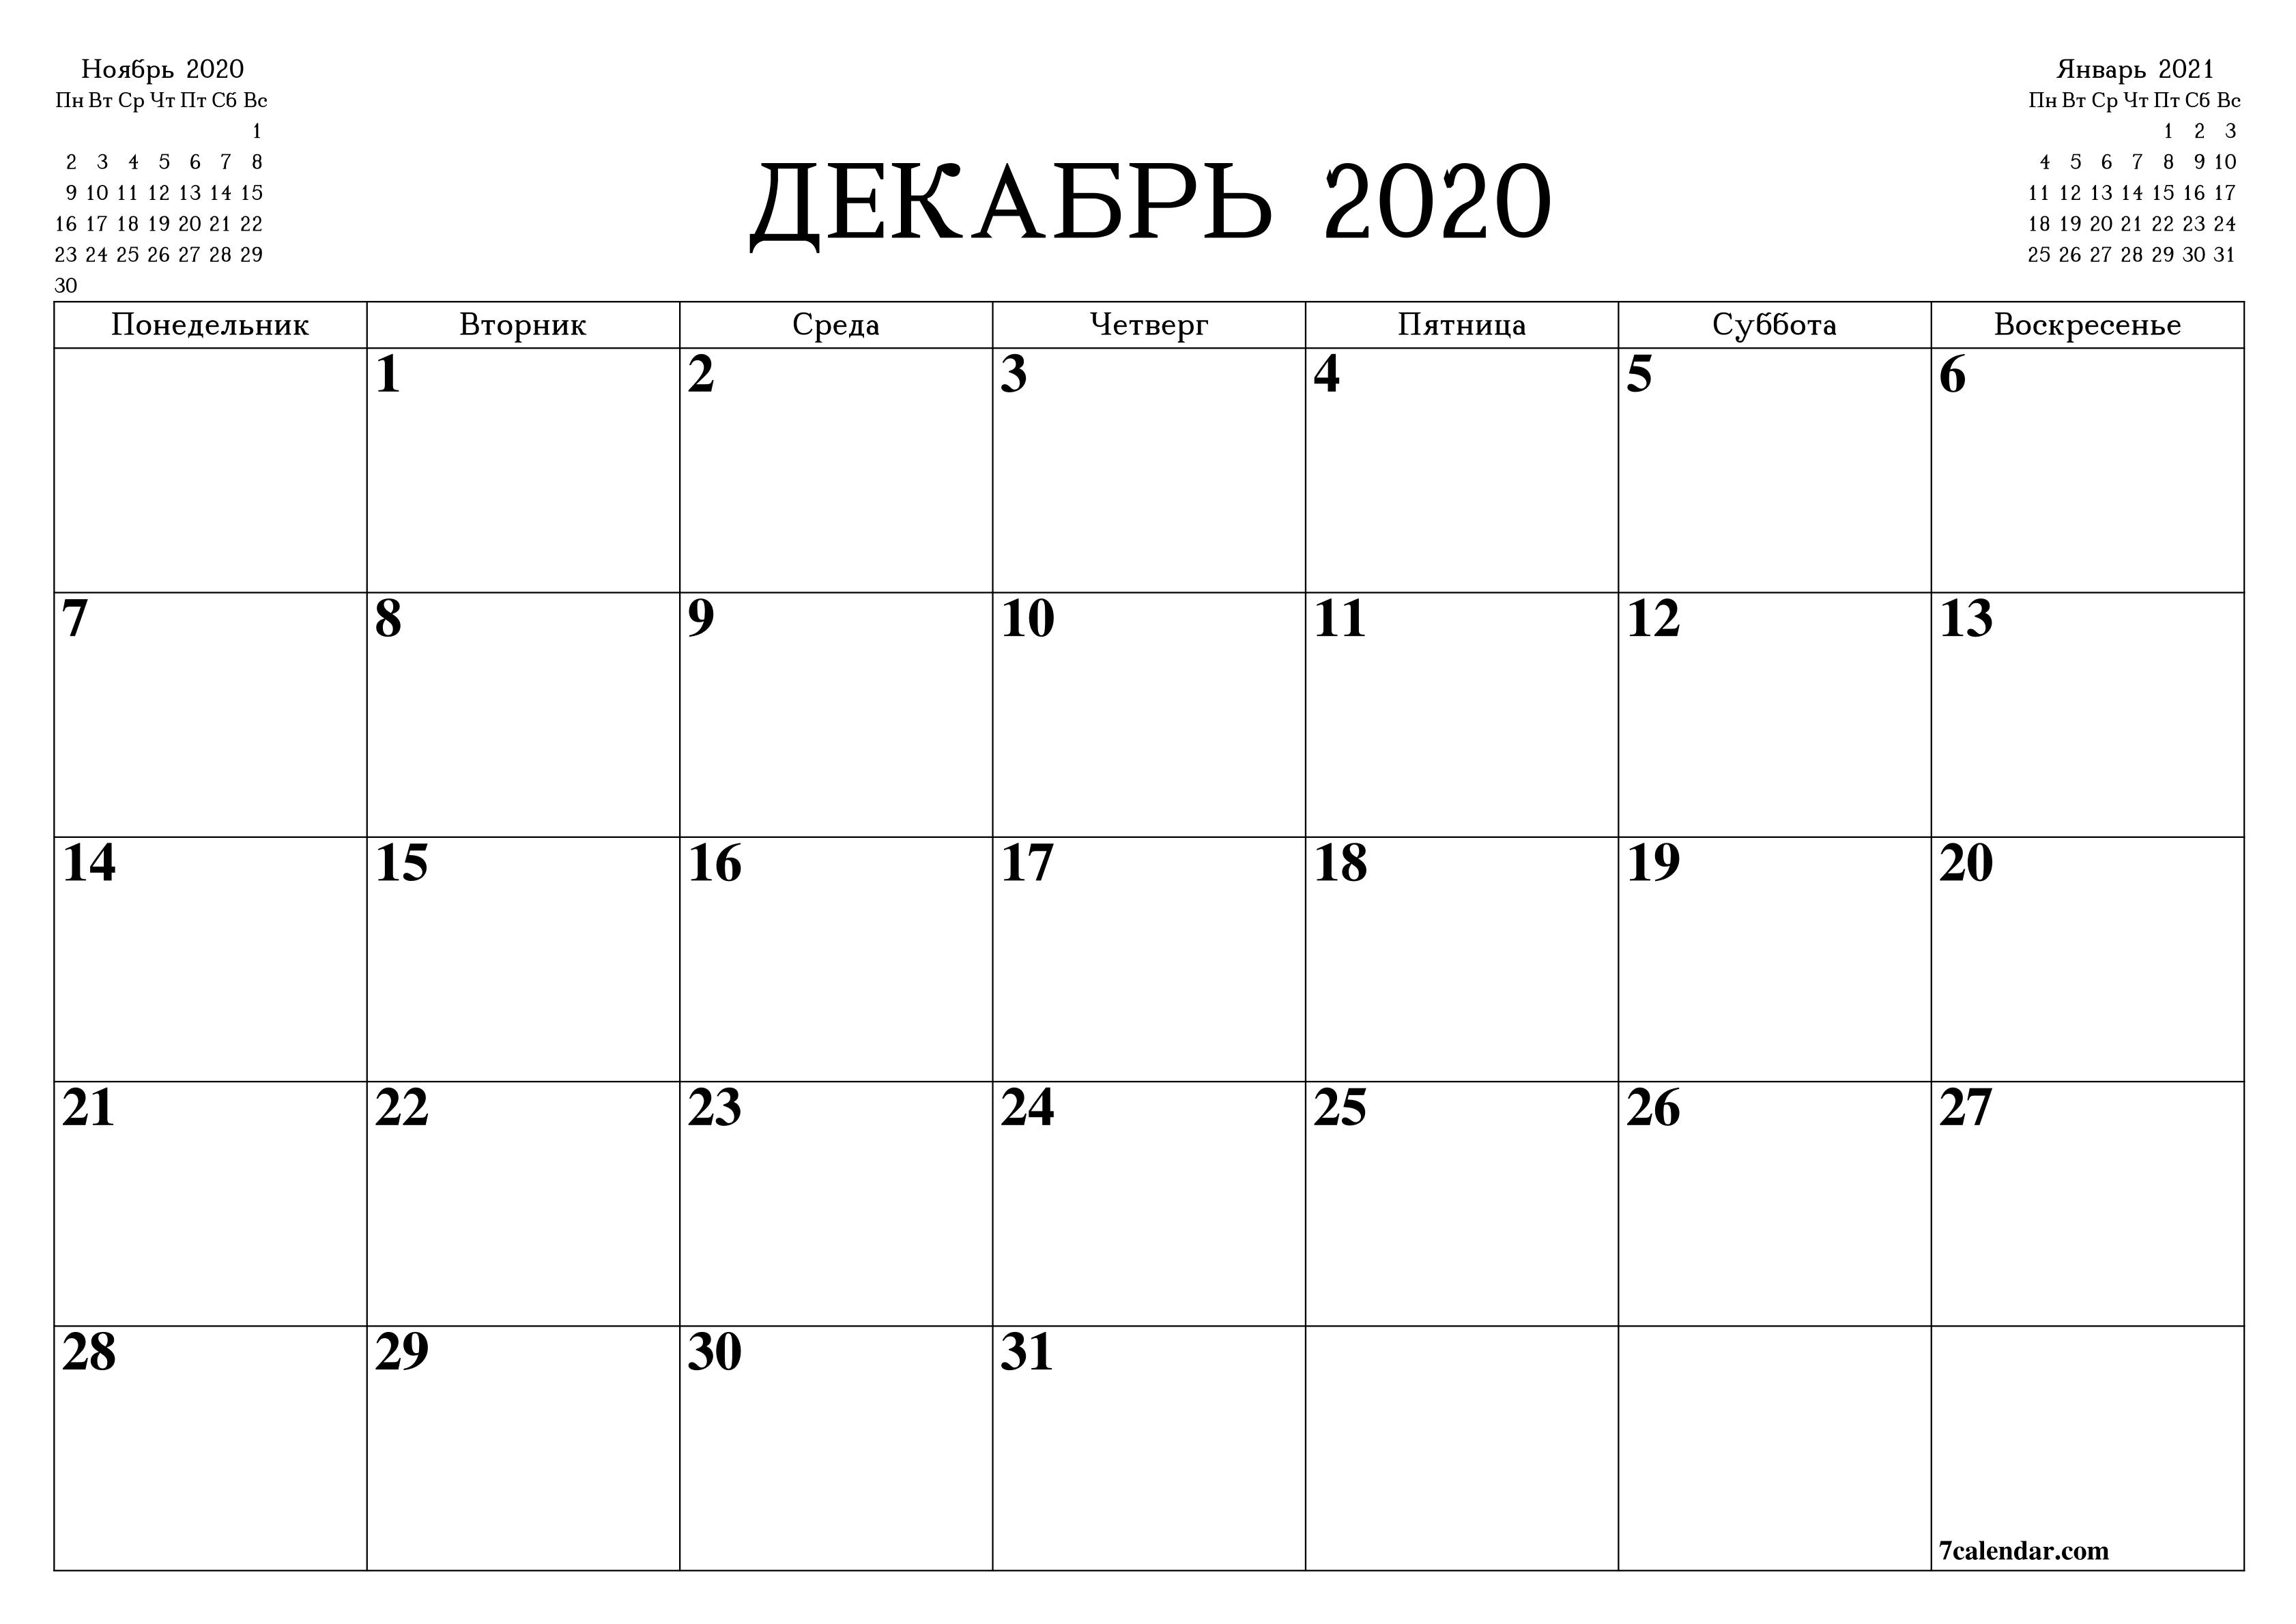 Календарь На Декабрь 2020: Планер И Планинг Для Печати А4 Сетка Декабря 2021